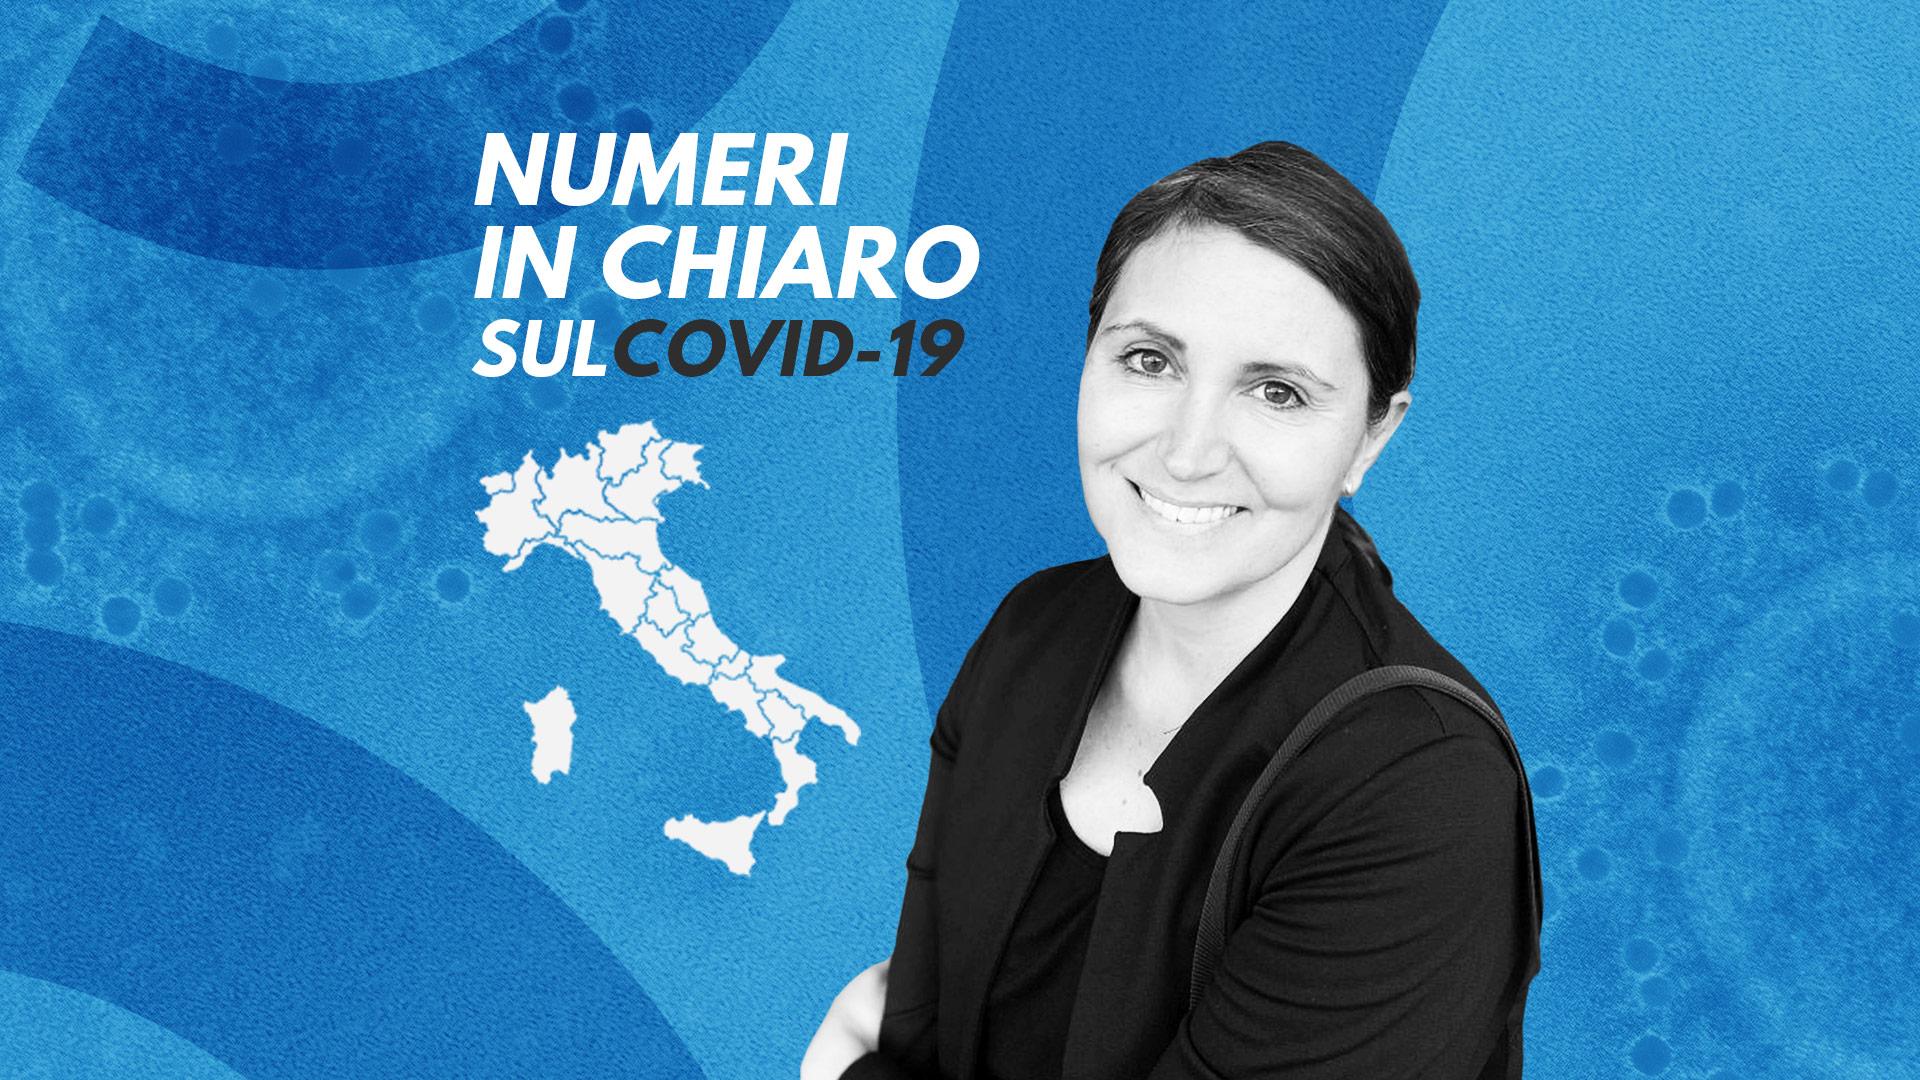 Coronavirus |  i numeri in chiaro  Paolotti Isi |  «Tra tre mesi rischiamo che la situazione sia fuori controllo»